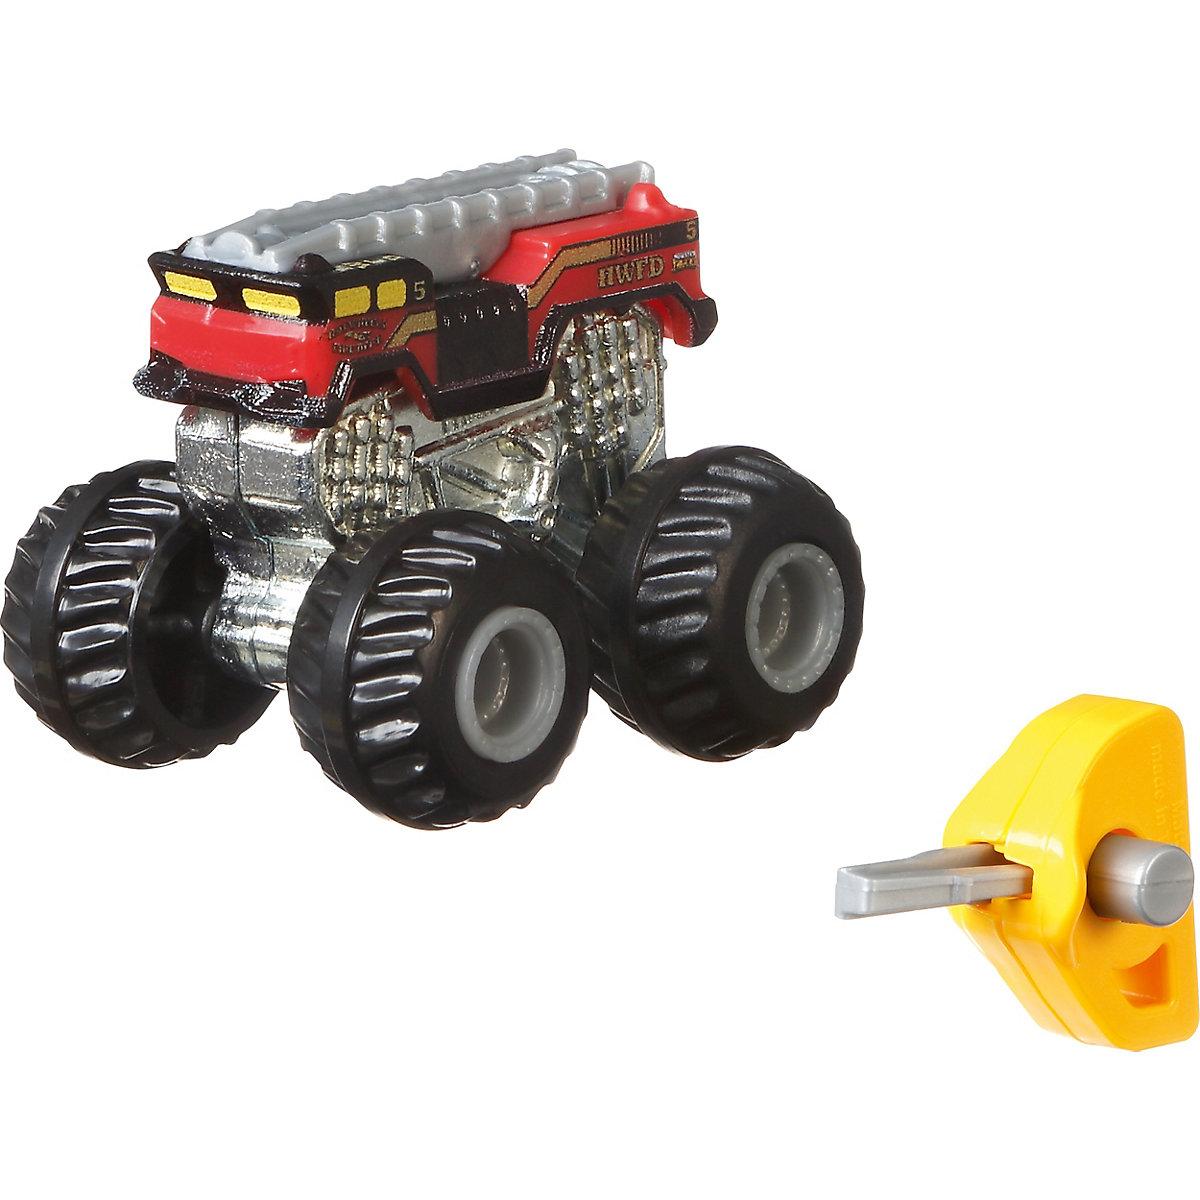 Hot Wheels Monster Trucks Mini-Trucks Blindpack, sortiert ...